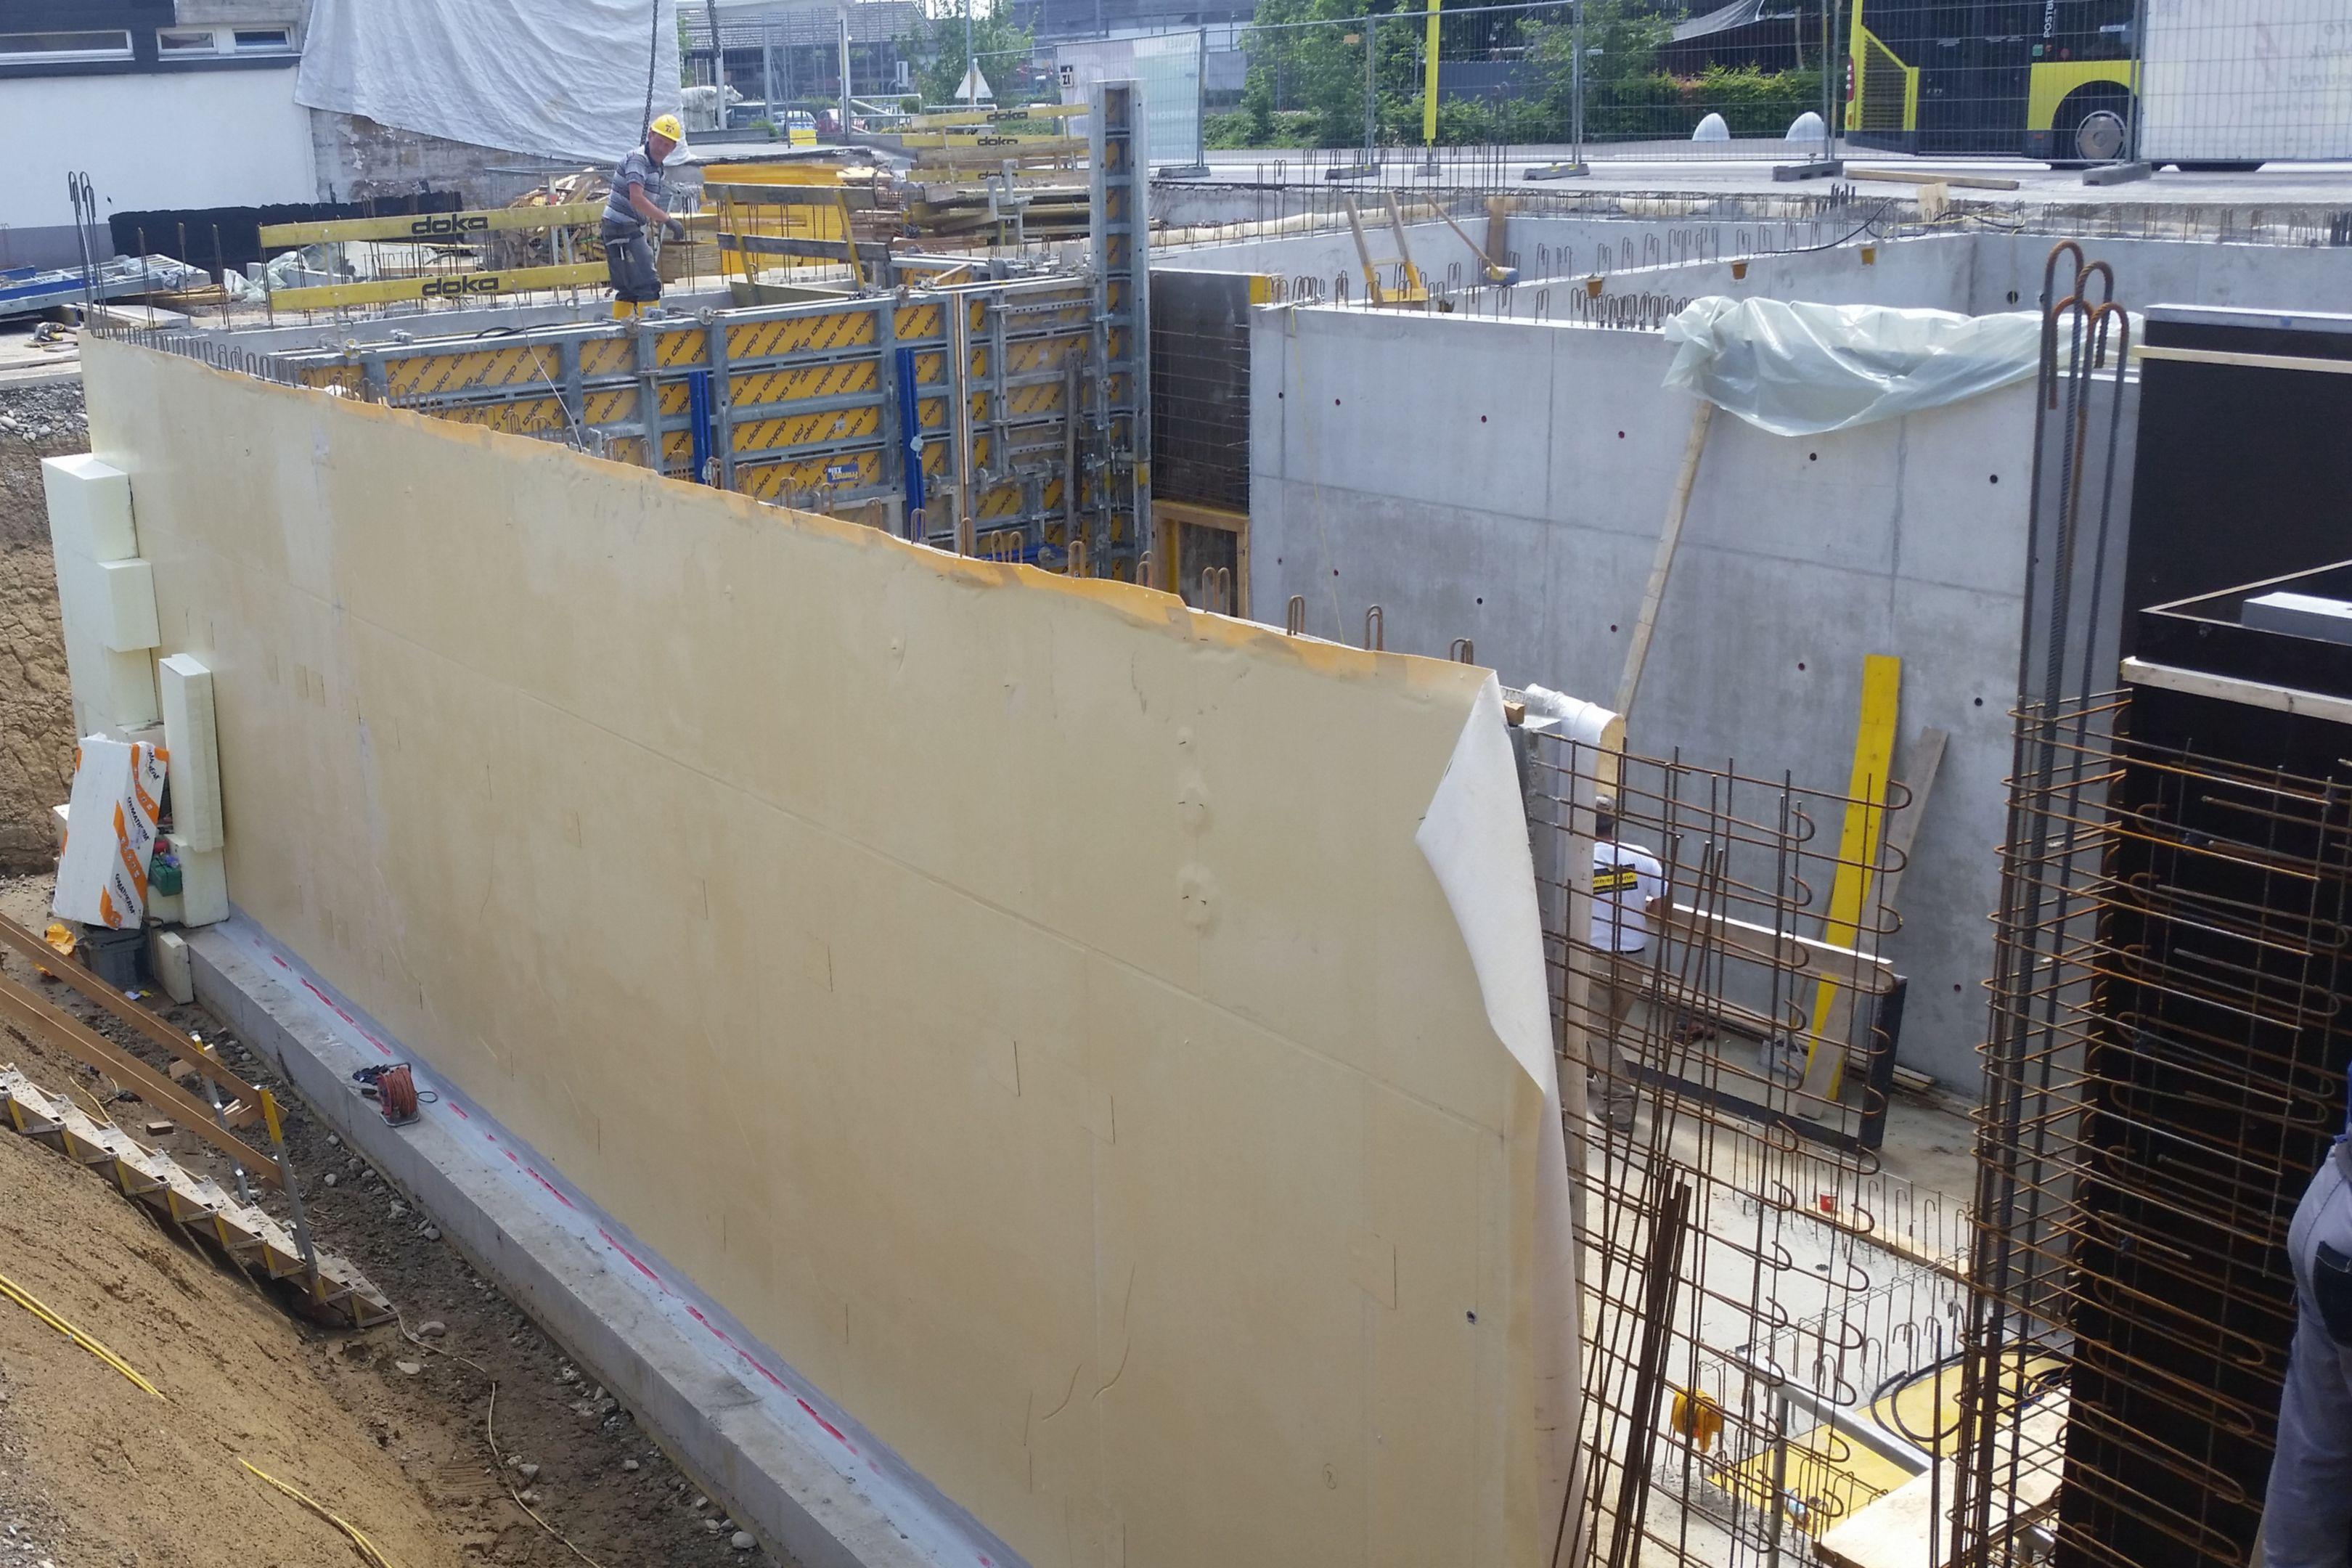 Abdichtung des erdberührten Gebäudebereichs